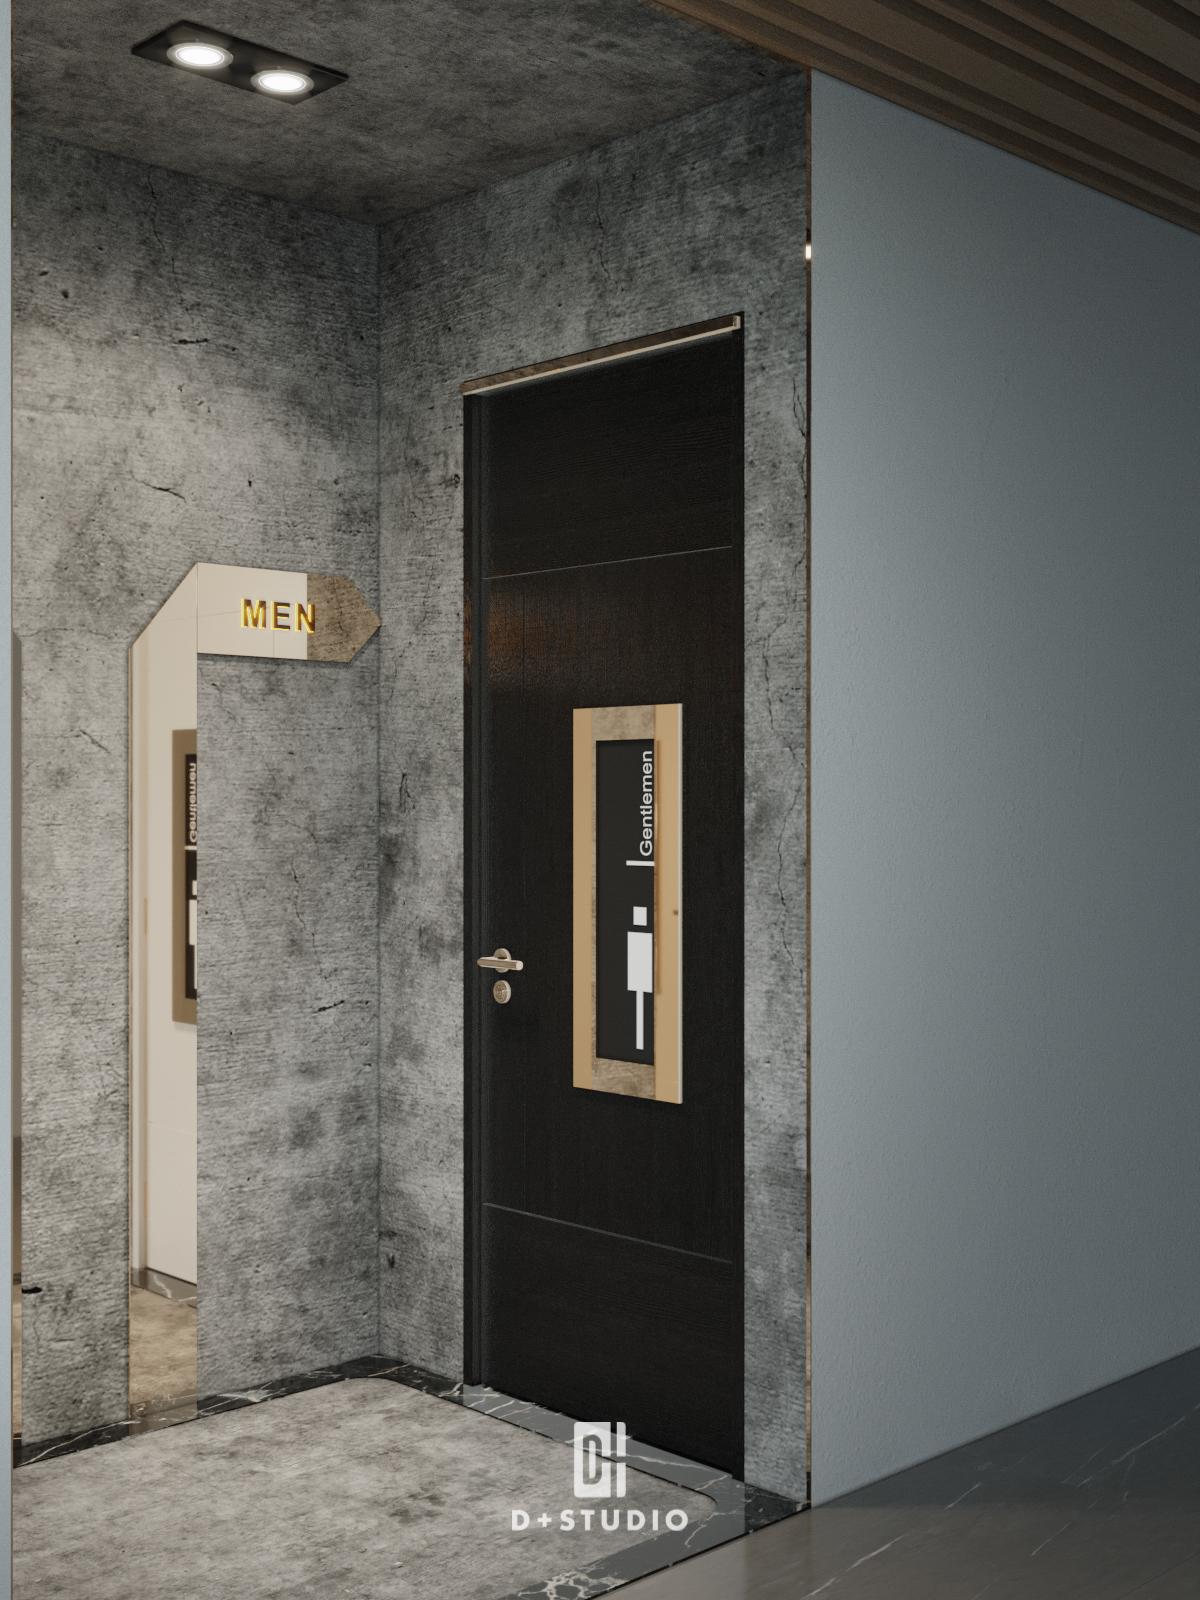 Cửa màu đen kết hợp tông màu xám trên tường đem lại cảm giác sạch sẽ cho khu vệ sinh đồng thời hài hòa với tổng thể thiết kế văn phòng sang trọng, chuyên nghiệp